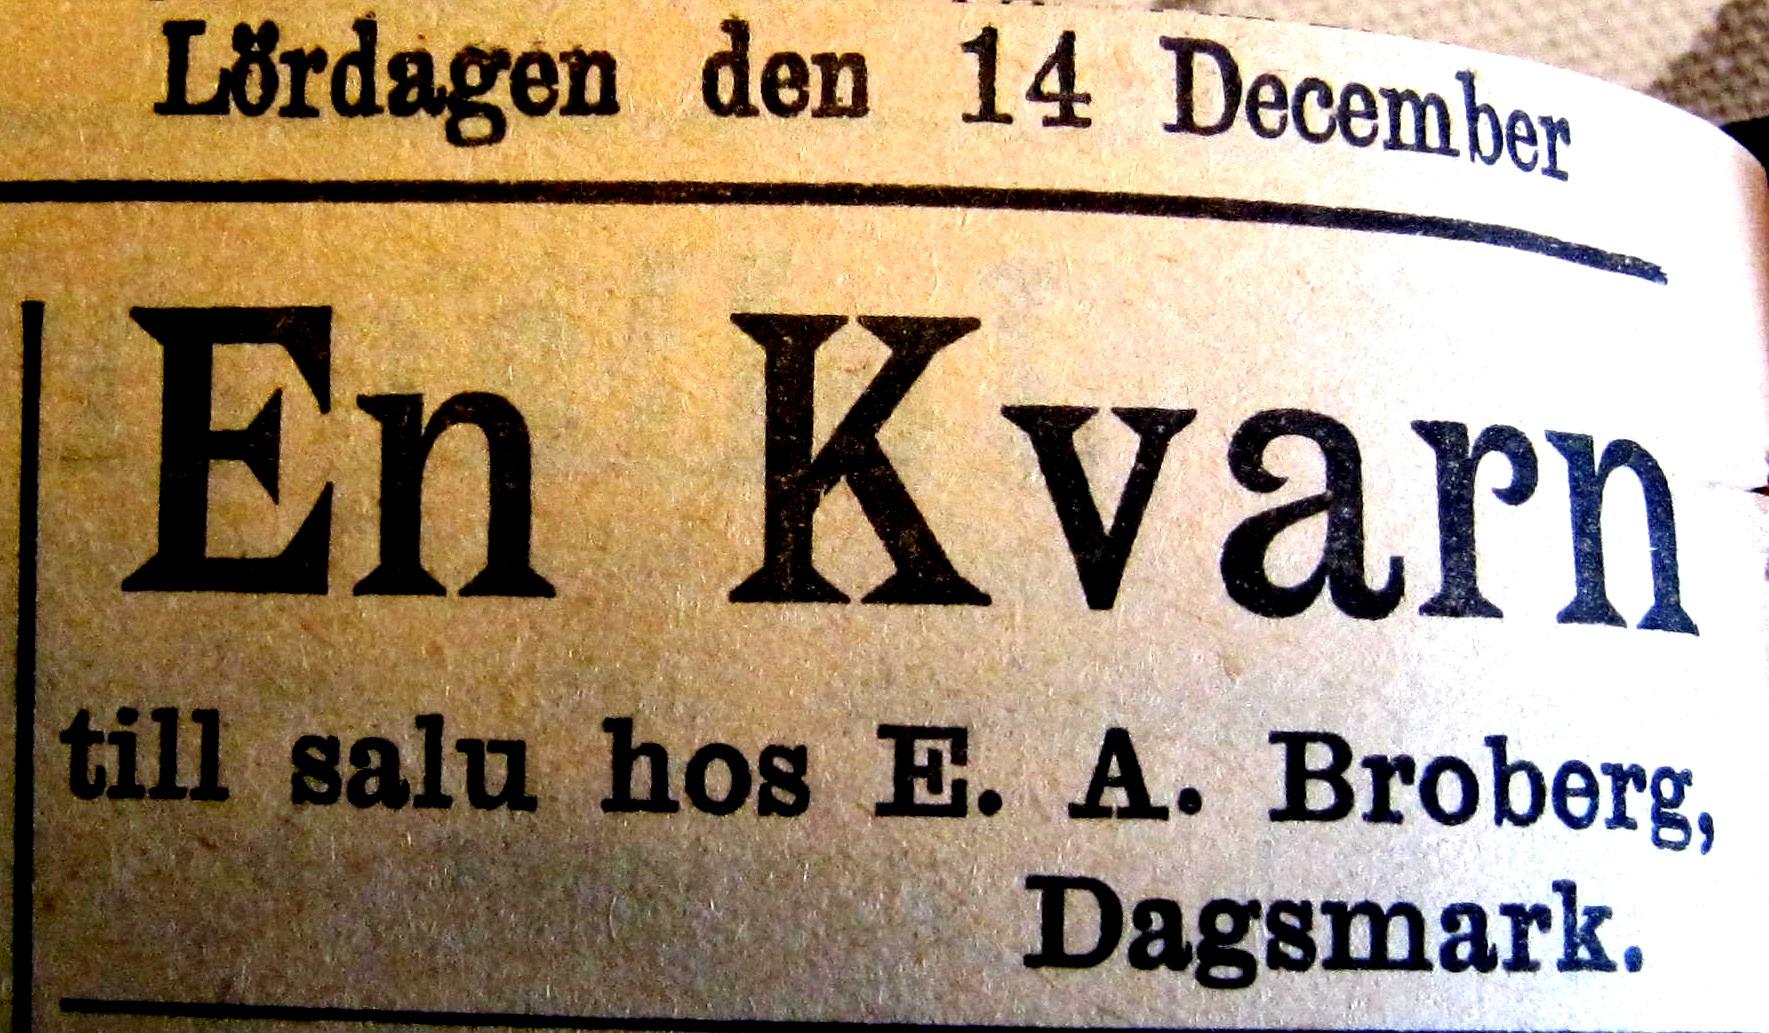 I december 1912 vill Broberg sälja kvarnen enligt en annons i Syd-Österbotten.